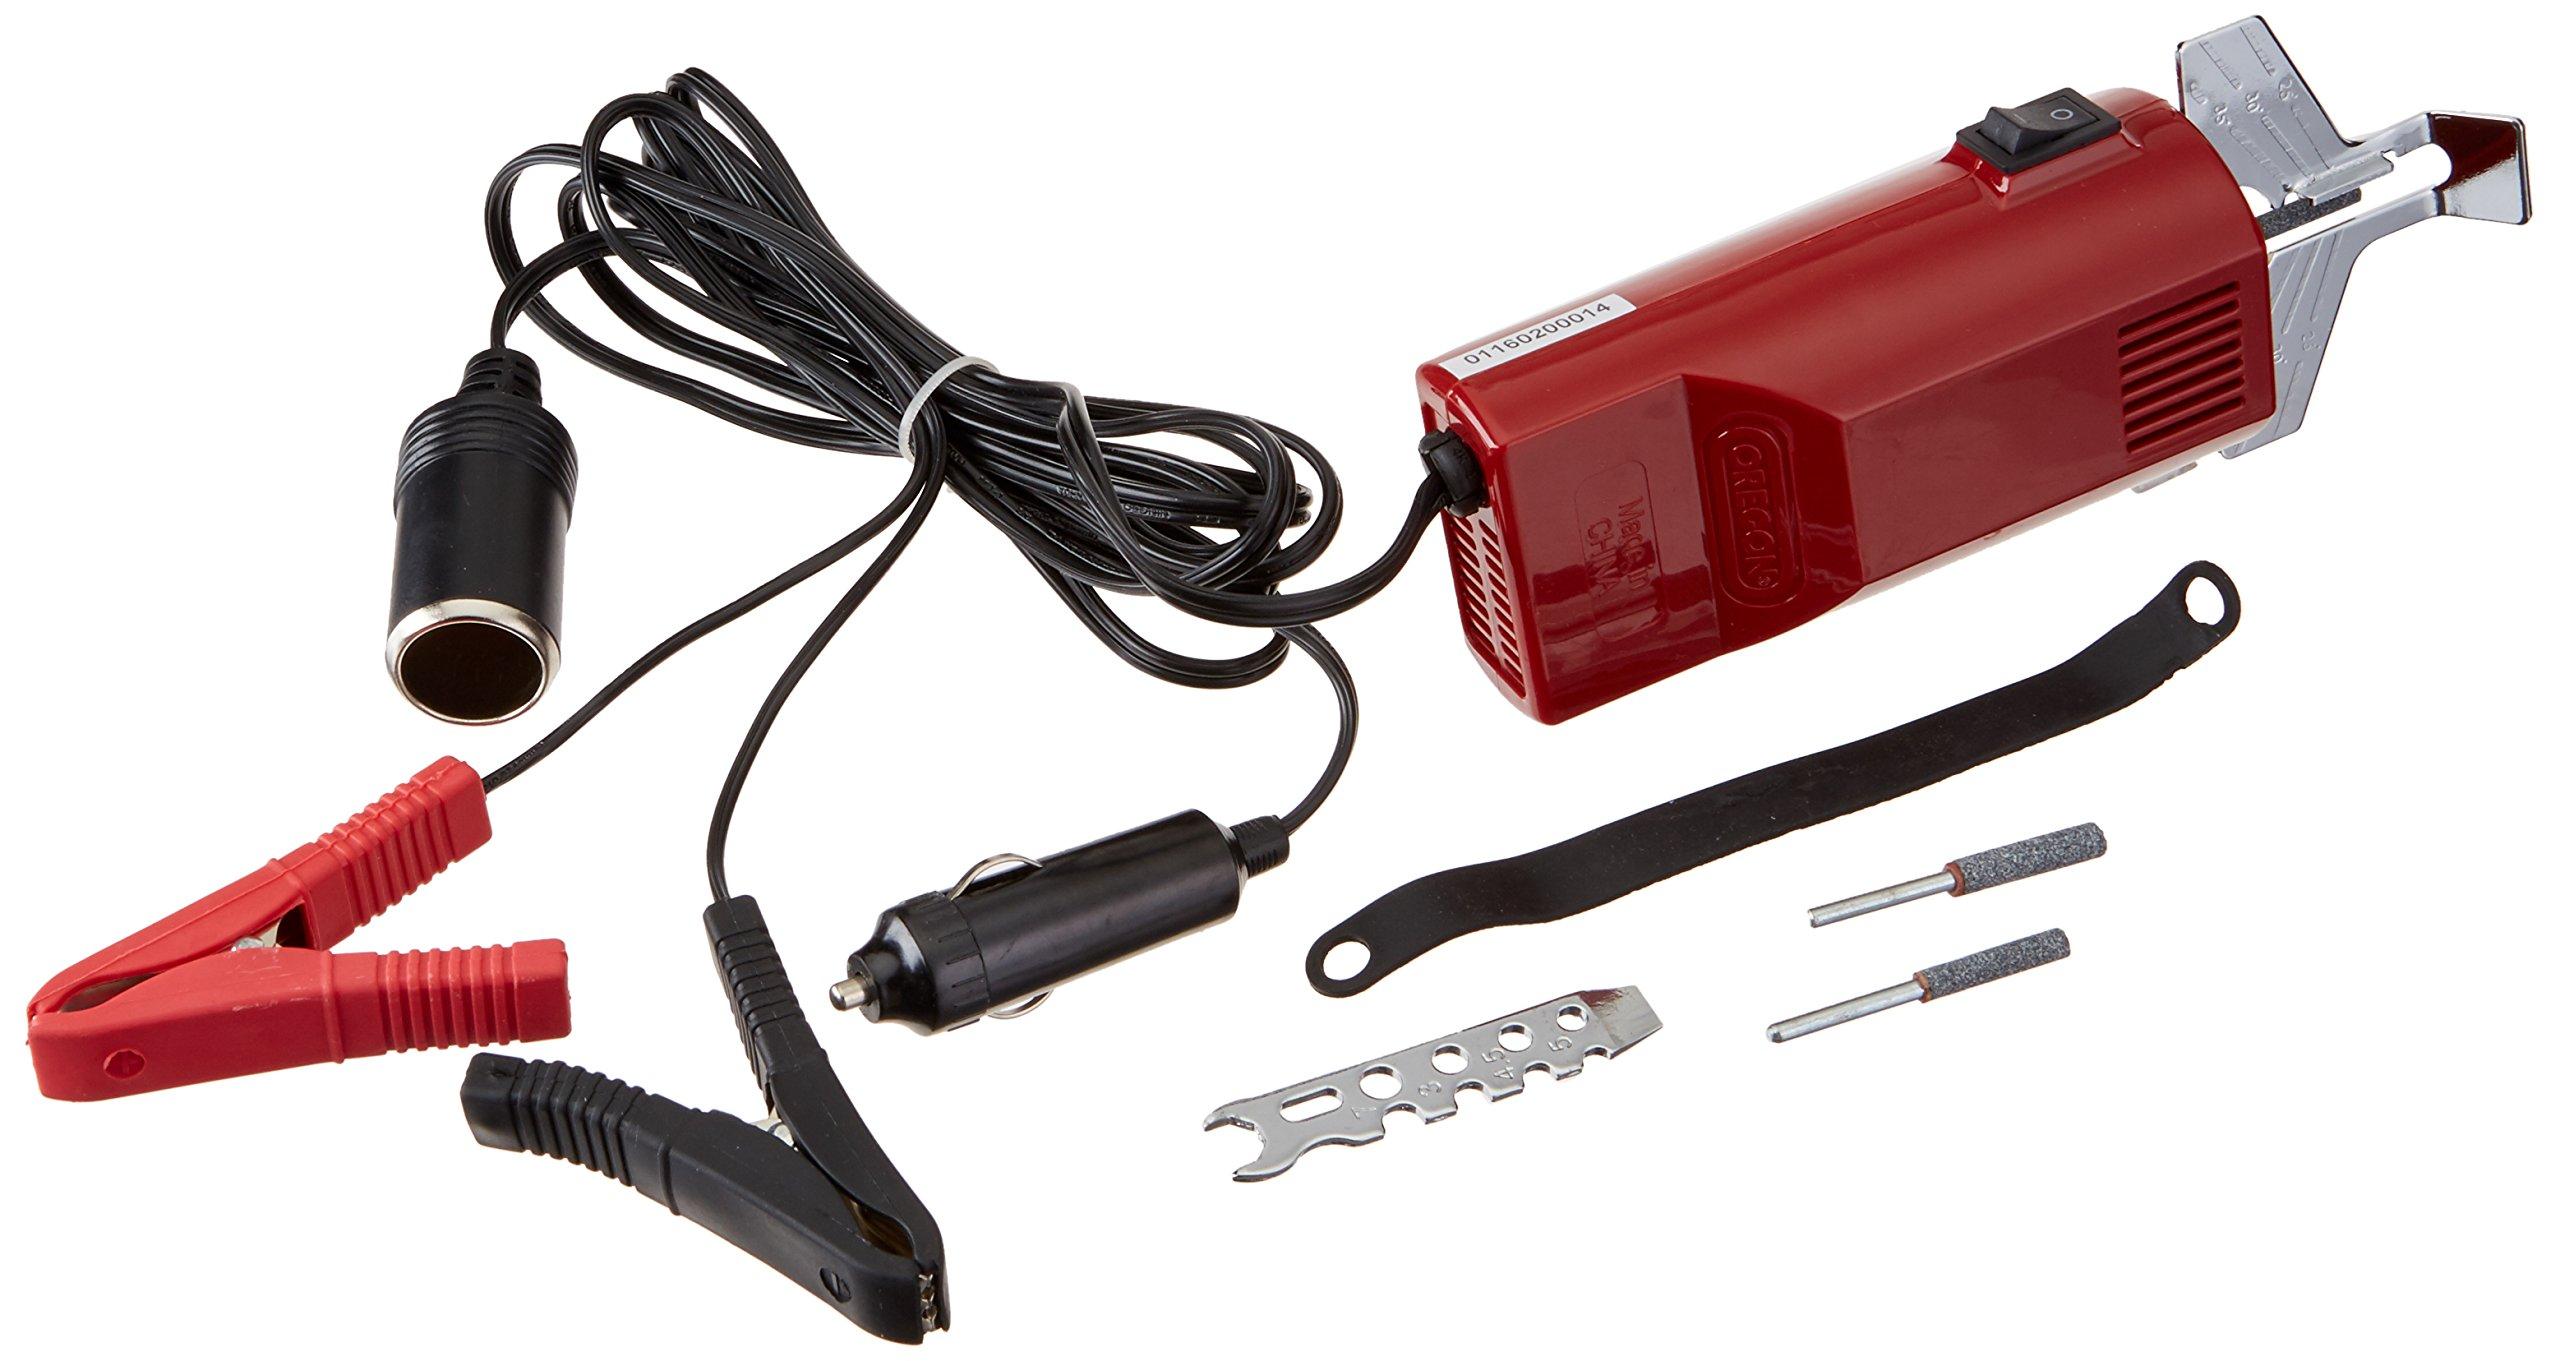 OREGON 28588A 12-Volt Electric Sure Sharp Saw Chain by Oregon